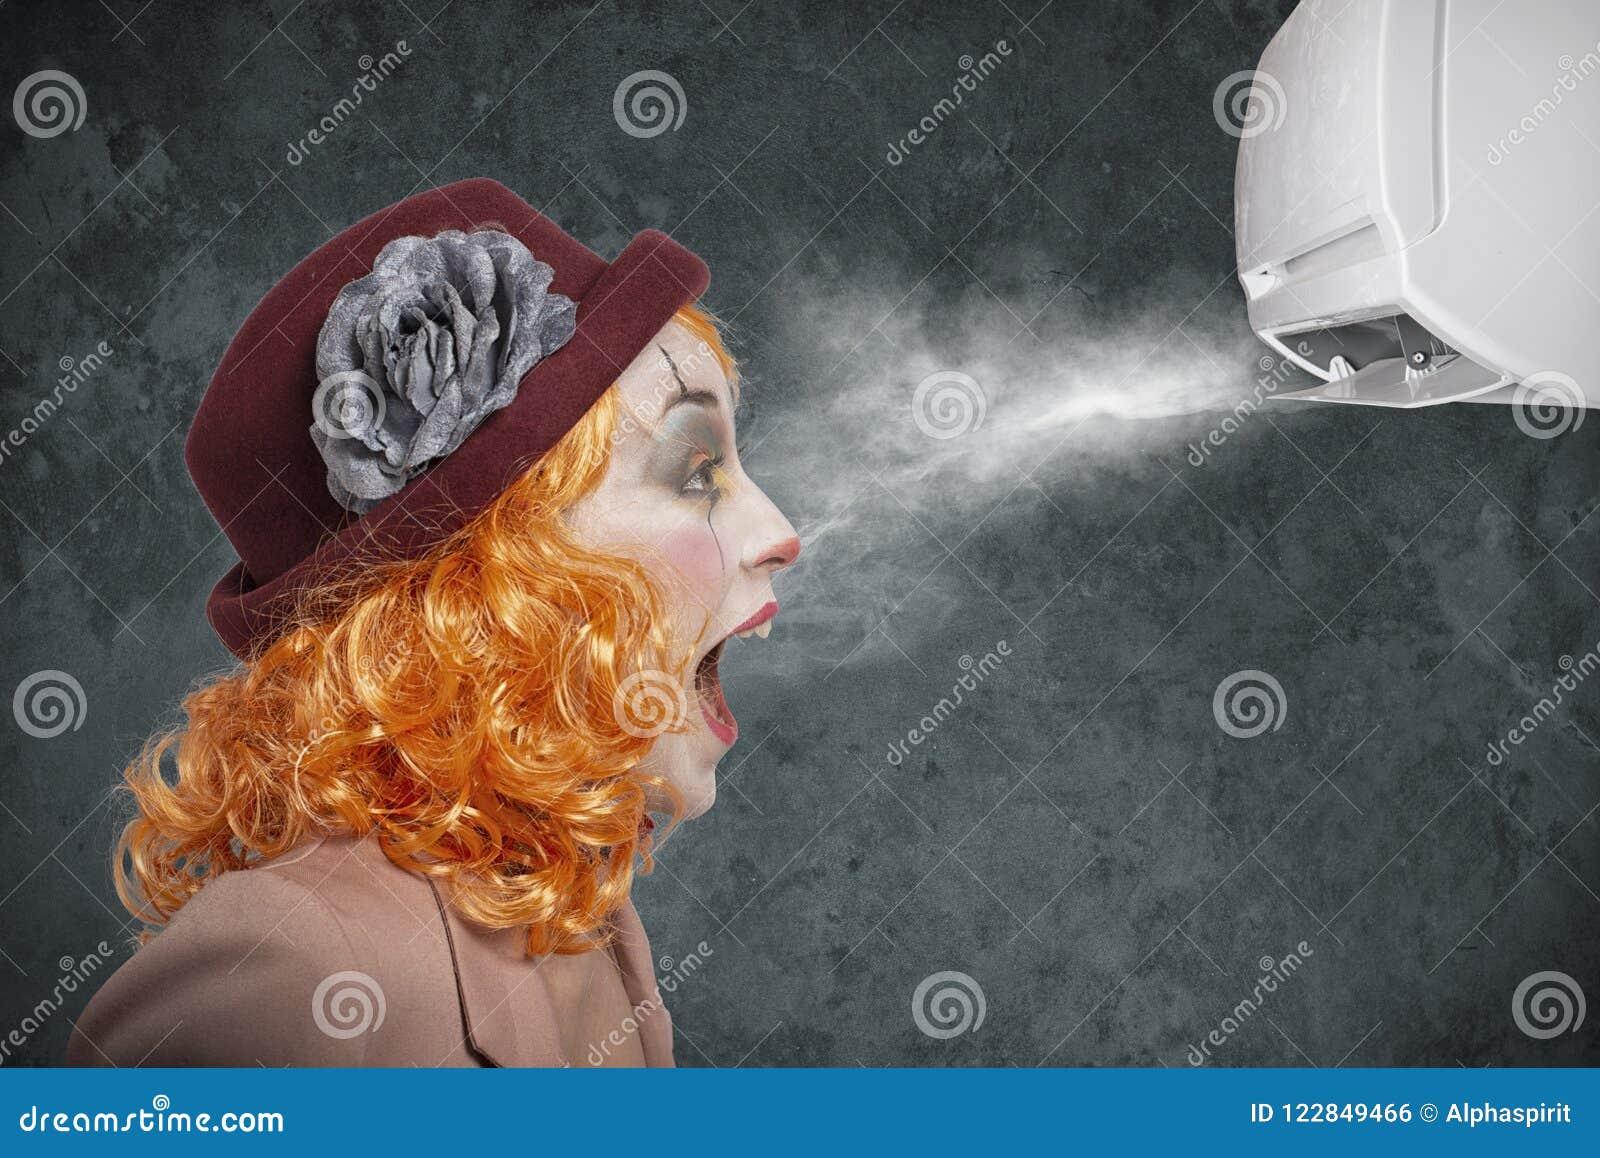 Palhaço surpreendido pelo fresco do condicionador de ar